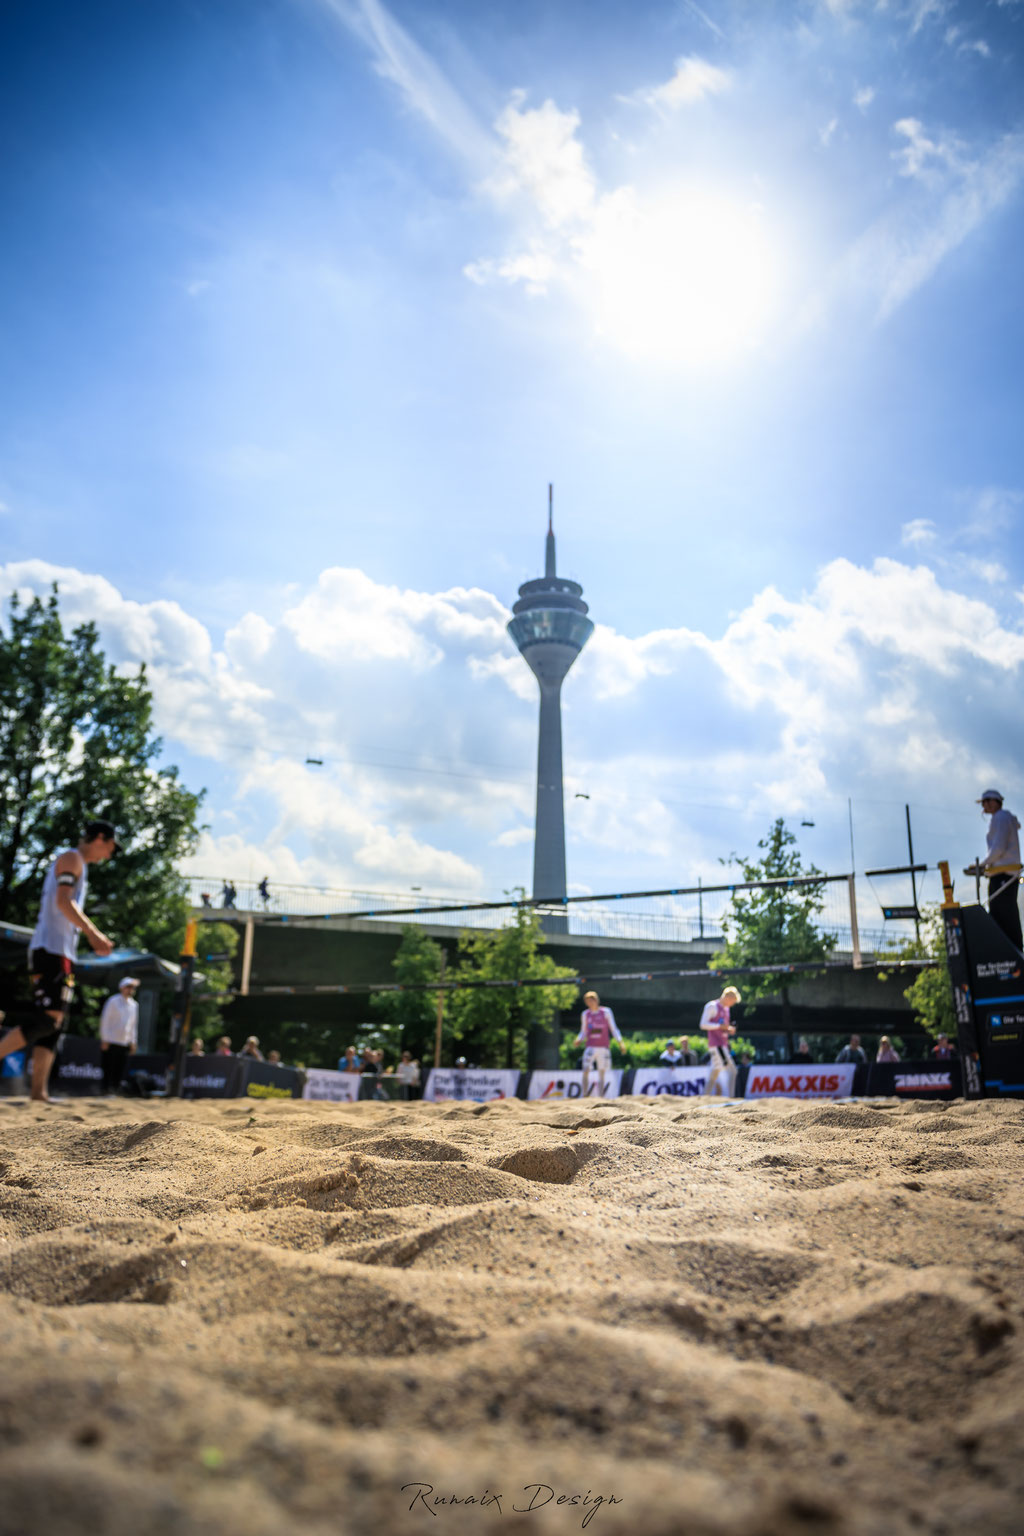 Sommer in Düsseldorf